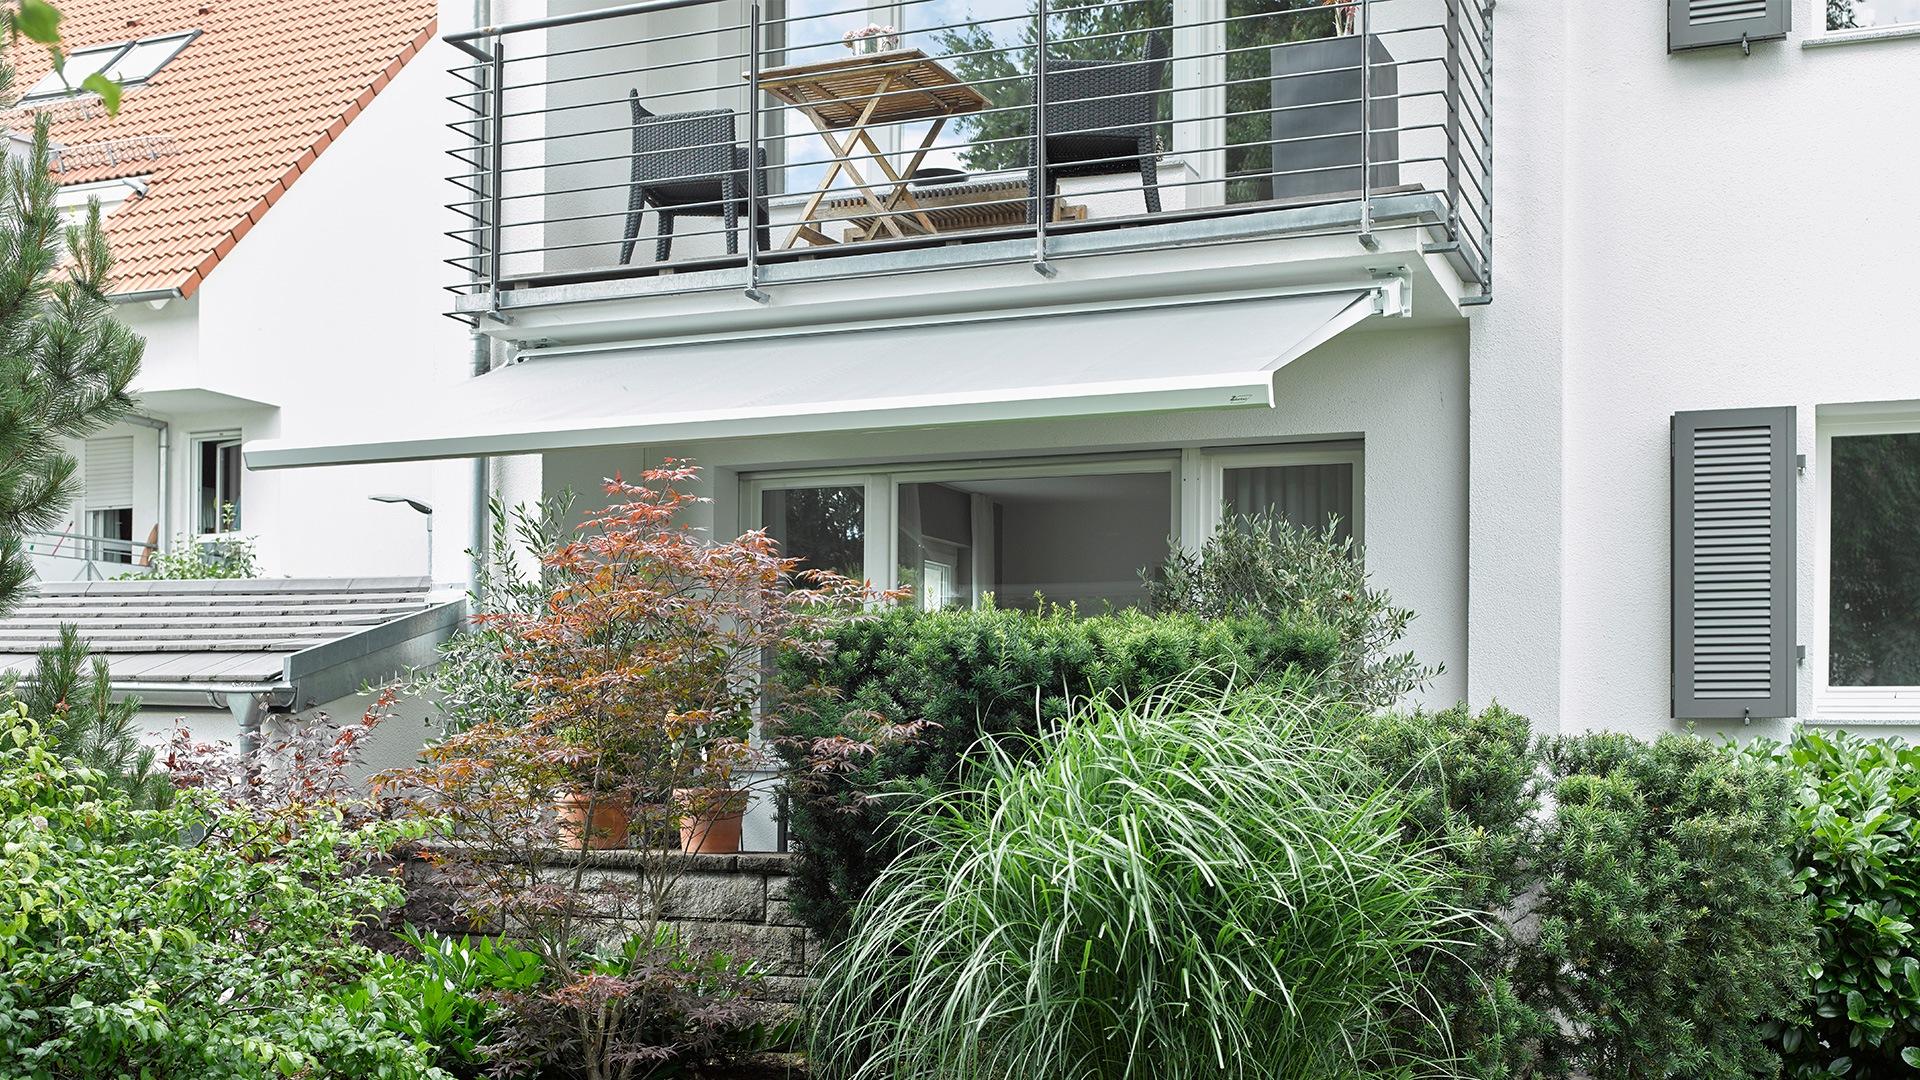 zanker papilio 03 - Sonnenschutz für Balkon und Terrasse